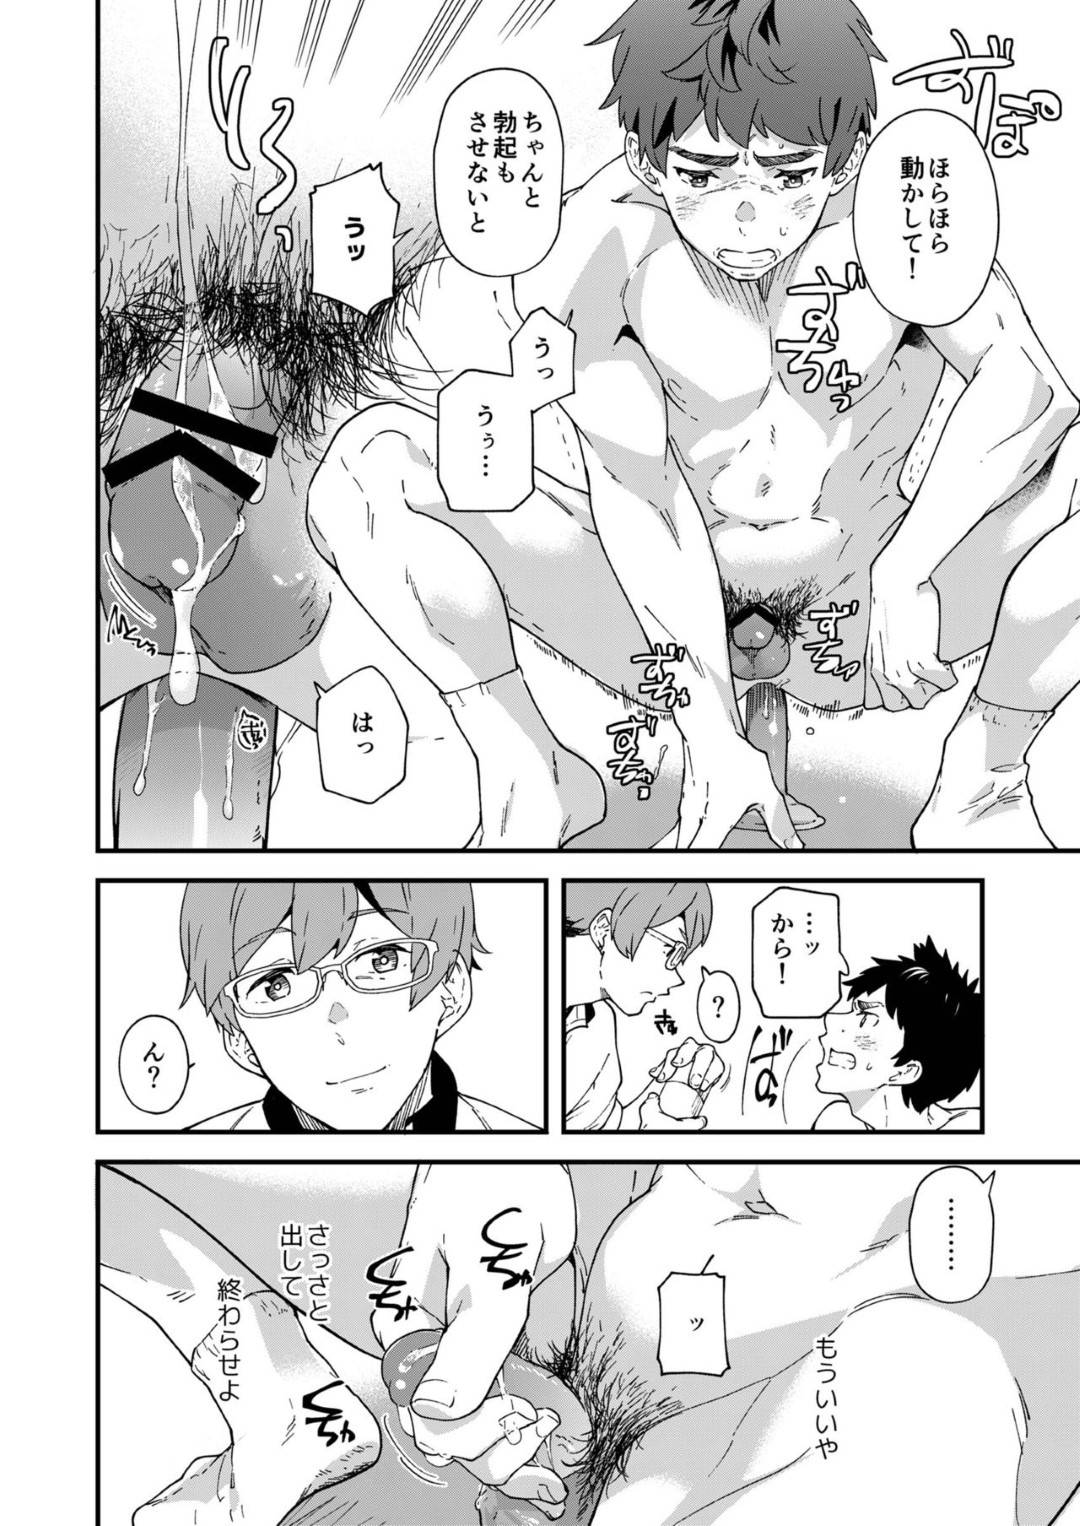 5万円欲しさに男に従う男子高生のカズ…ジェイドという男の家に行くと、服を脱がされ勃起させられる!お尻の穴を見られるとディルドオナニーをさせられザーメンを取られる!